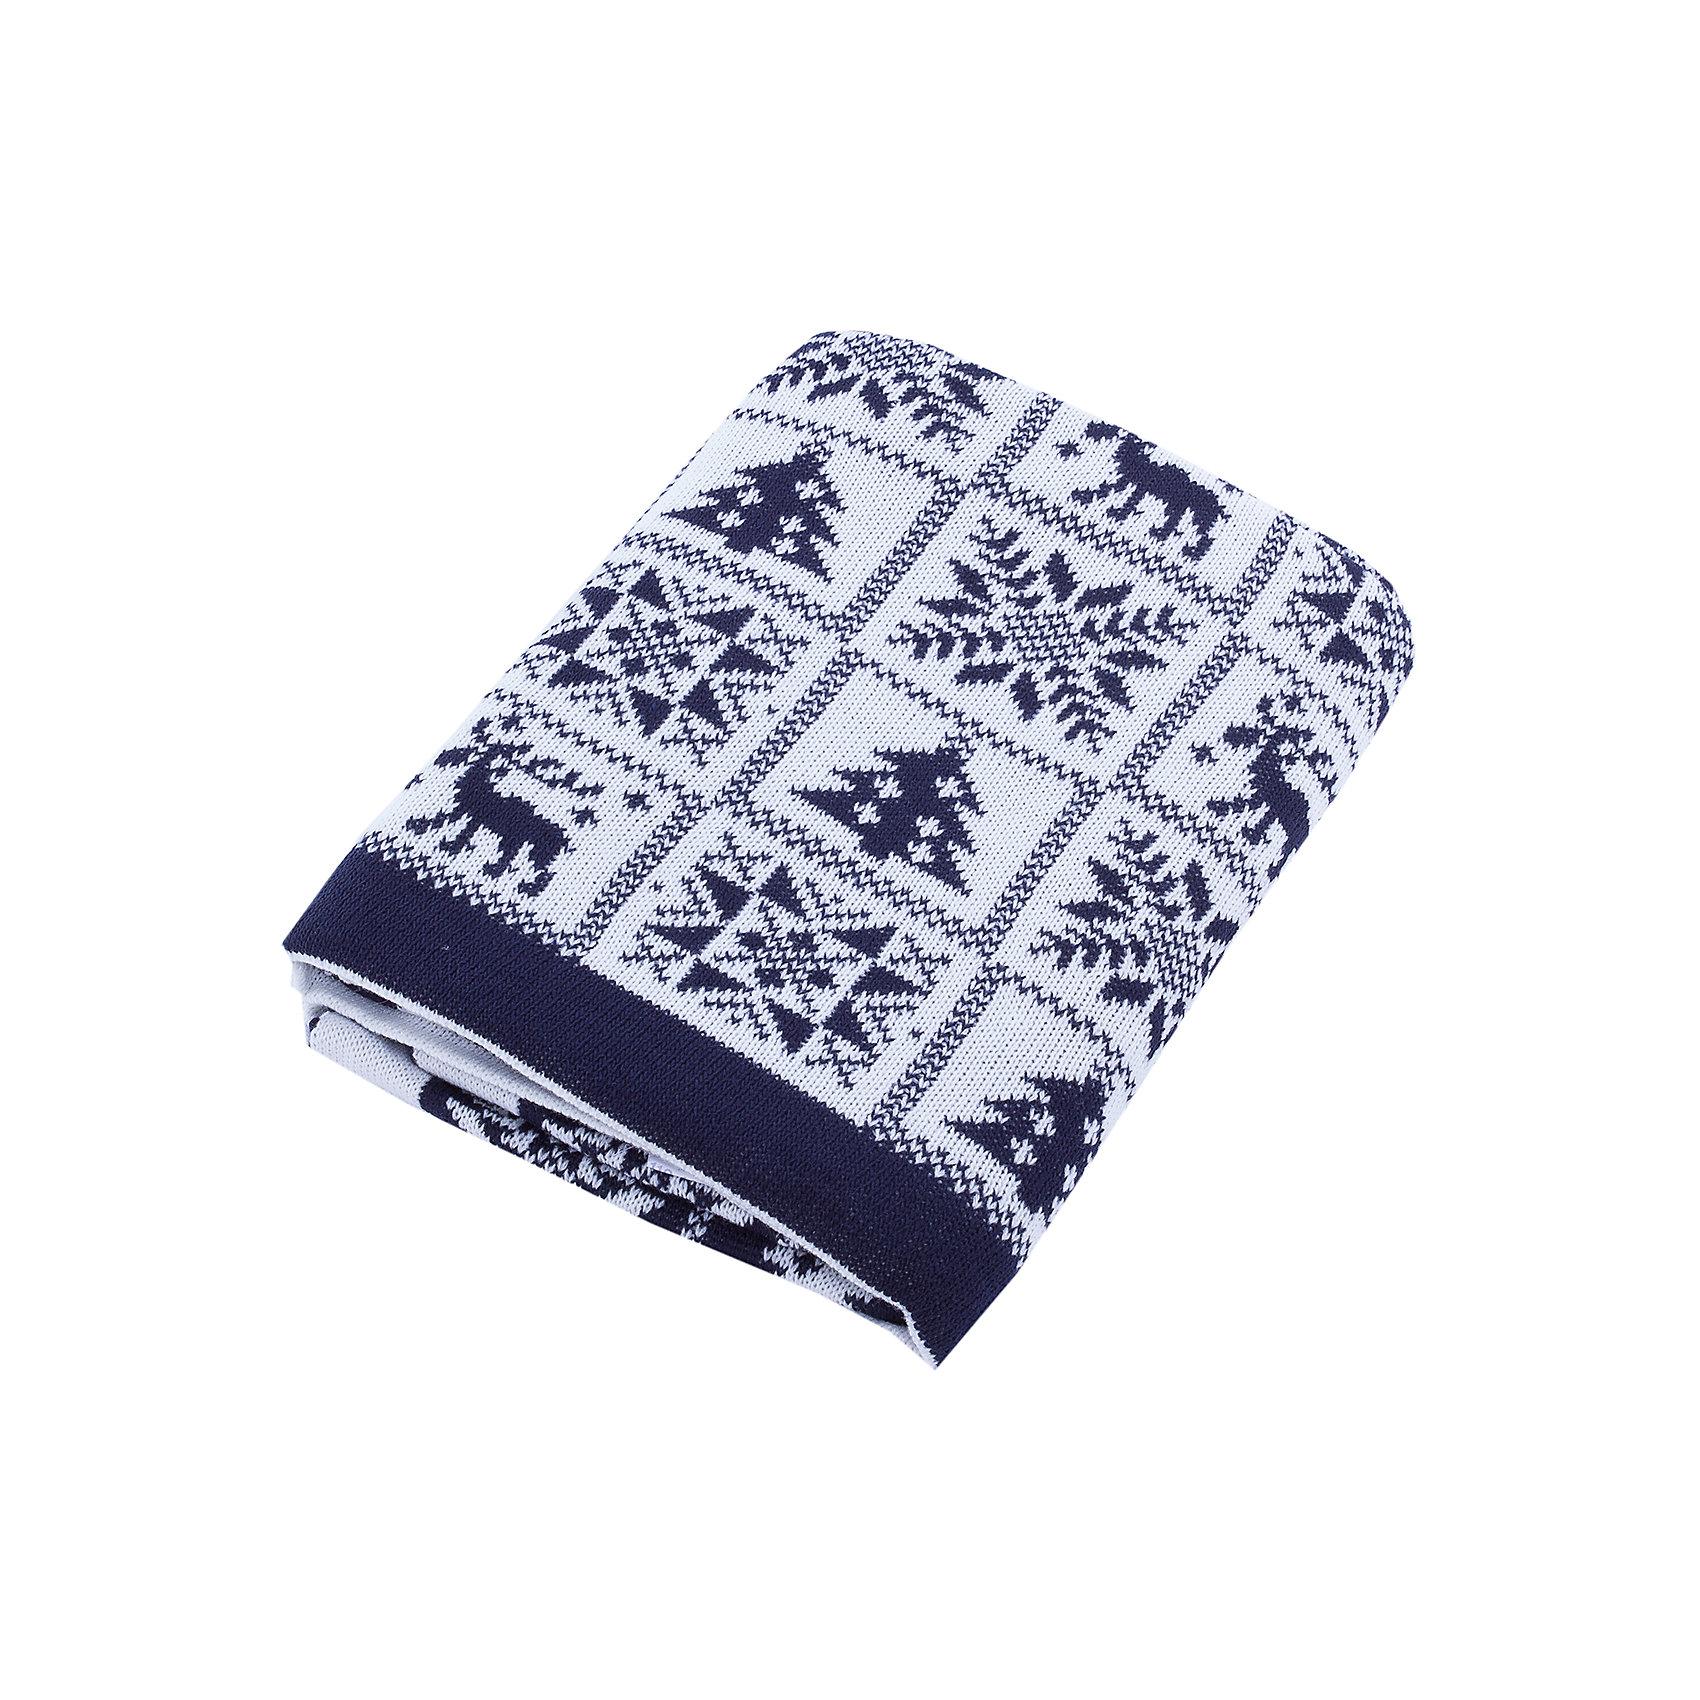 Плед Рождество Уси-ПусиПледы и одеяла<br>Характеристики товара:<br><br>• цвет: синий;<br>• ткань: вязаная;<br>• состав ткани: 50% шерсть, 50% пан;<br>• размер : 110х140 см;<br>• особенности модели: вязаная, с рисунком;<br>• сезон: демисезон;<br>• страна бренда: Россия;<br>• страна изготовитель: Россия.<br> <br>Полушерстяной вязанный плед «Рождество» будет прекрасным дополнением в гардеробе Вашего малыша в любое время года. <br><br>Ровная машинная вязка с рождественским детским рисунком напомнит лучшие детские мгновения, порадует Вас и малыша теплотой и простотой по уходу за изделием. Пледом можно прикрыть спящего малыша дома, на улице или в машине. <br><br>Вязанный плед «Рождество»  Уси-Пуси можно купить в нашем интернет-магазине.<br><br>Ширина мм: 37<br>Глубина мм: 4<br>Высота мм: 25<br>Вес г: 430<br>Цвет: синий<br>Возраст от месяцев: 0<br>Возраст до месяцев: 24<br>Пол: Унисекс<br>Возраст: Детский<br>Размер: one size<br>SKU: 7029566